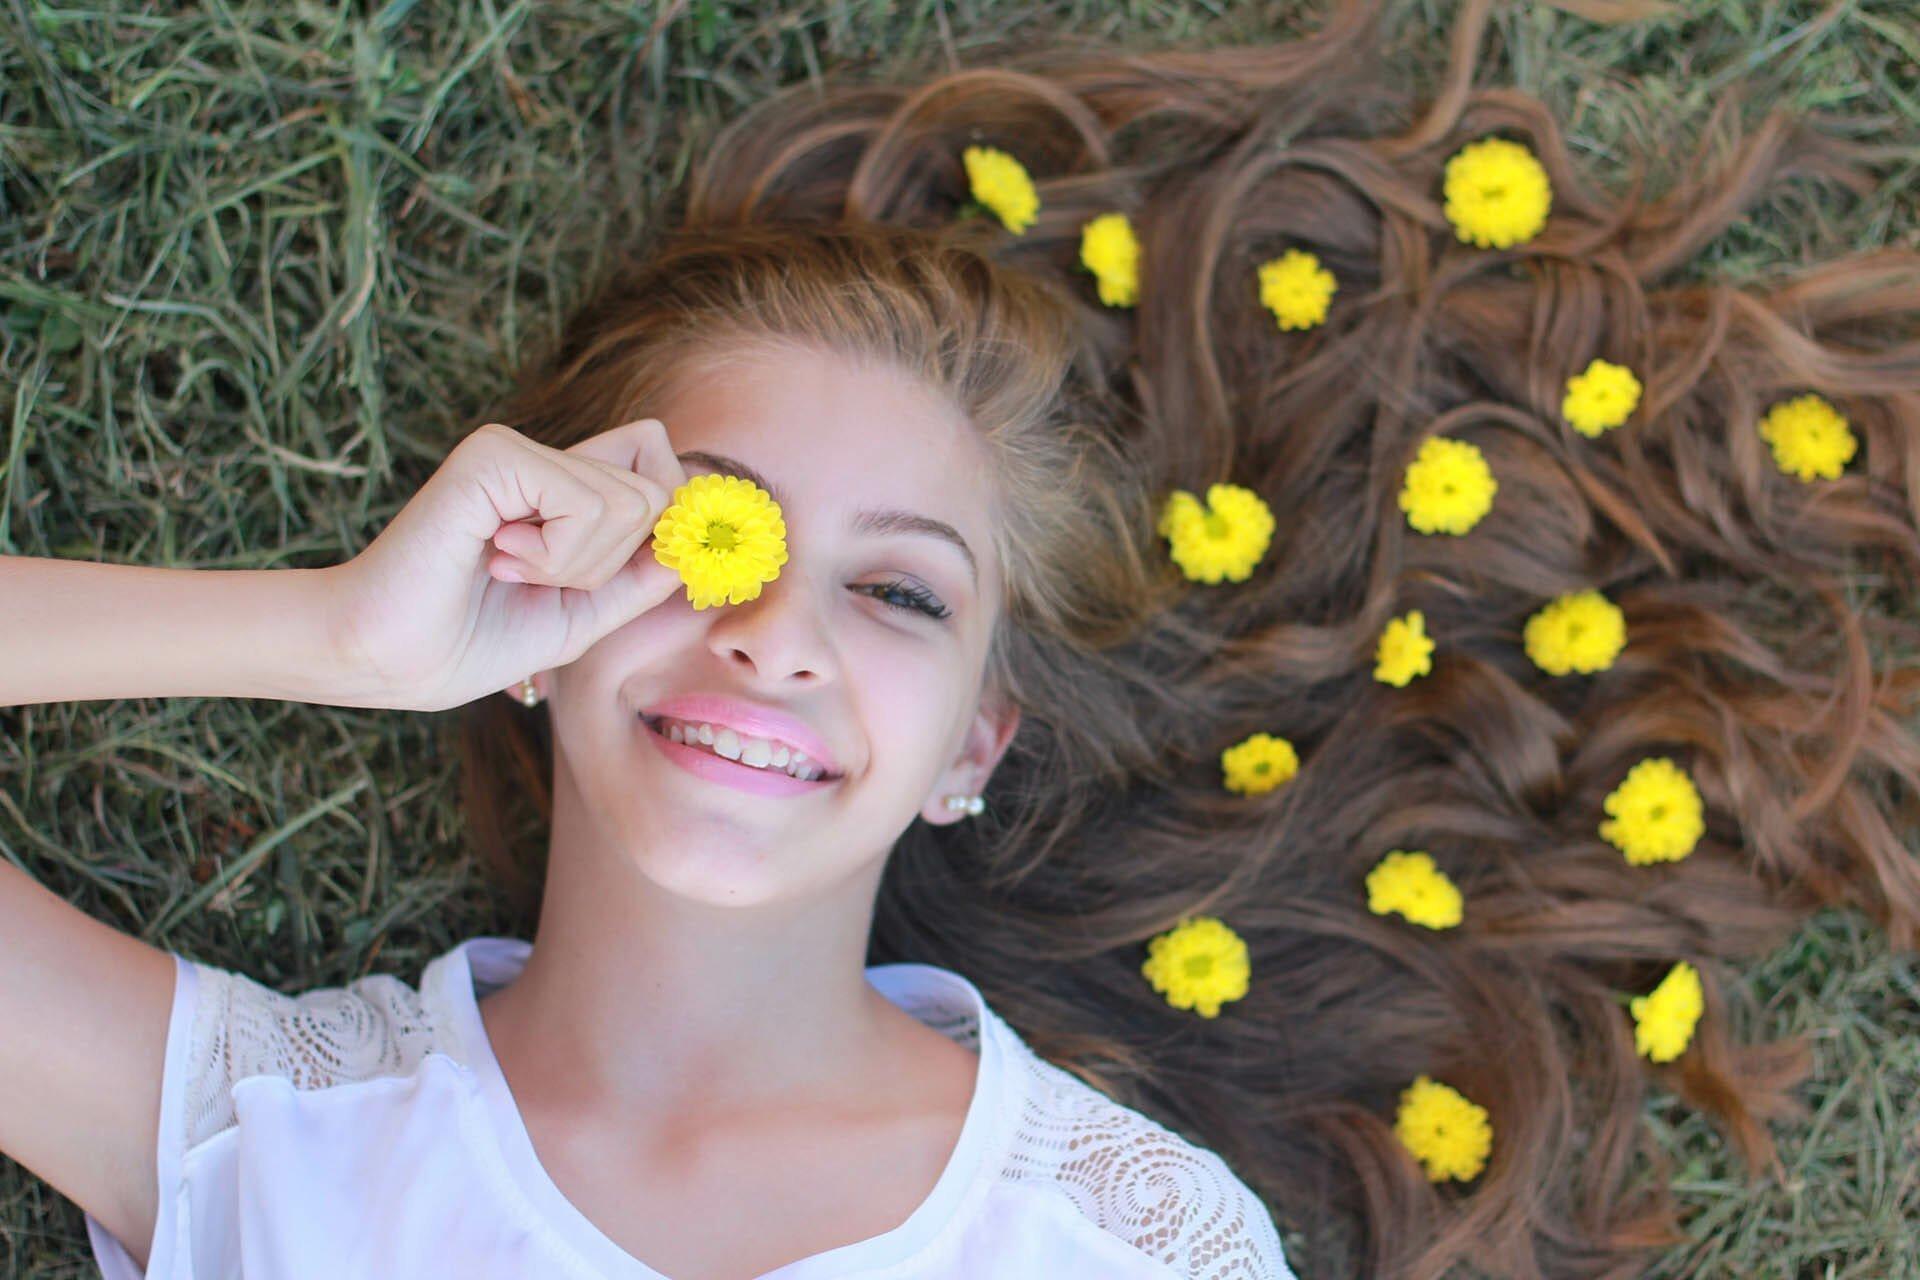 5 Τρόποι να γίνεις περισσότερο Αισιόδοξη, Η Ευτυχία είναι Επιλογή και όχι Αποτέλεσμα